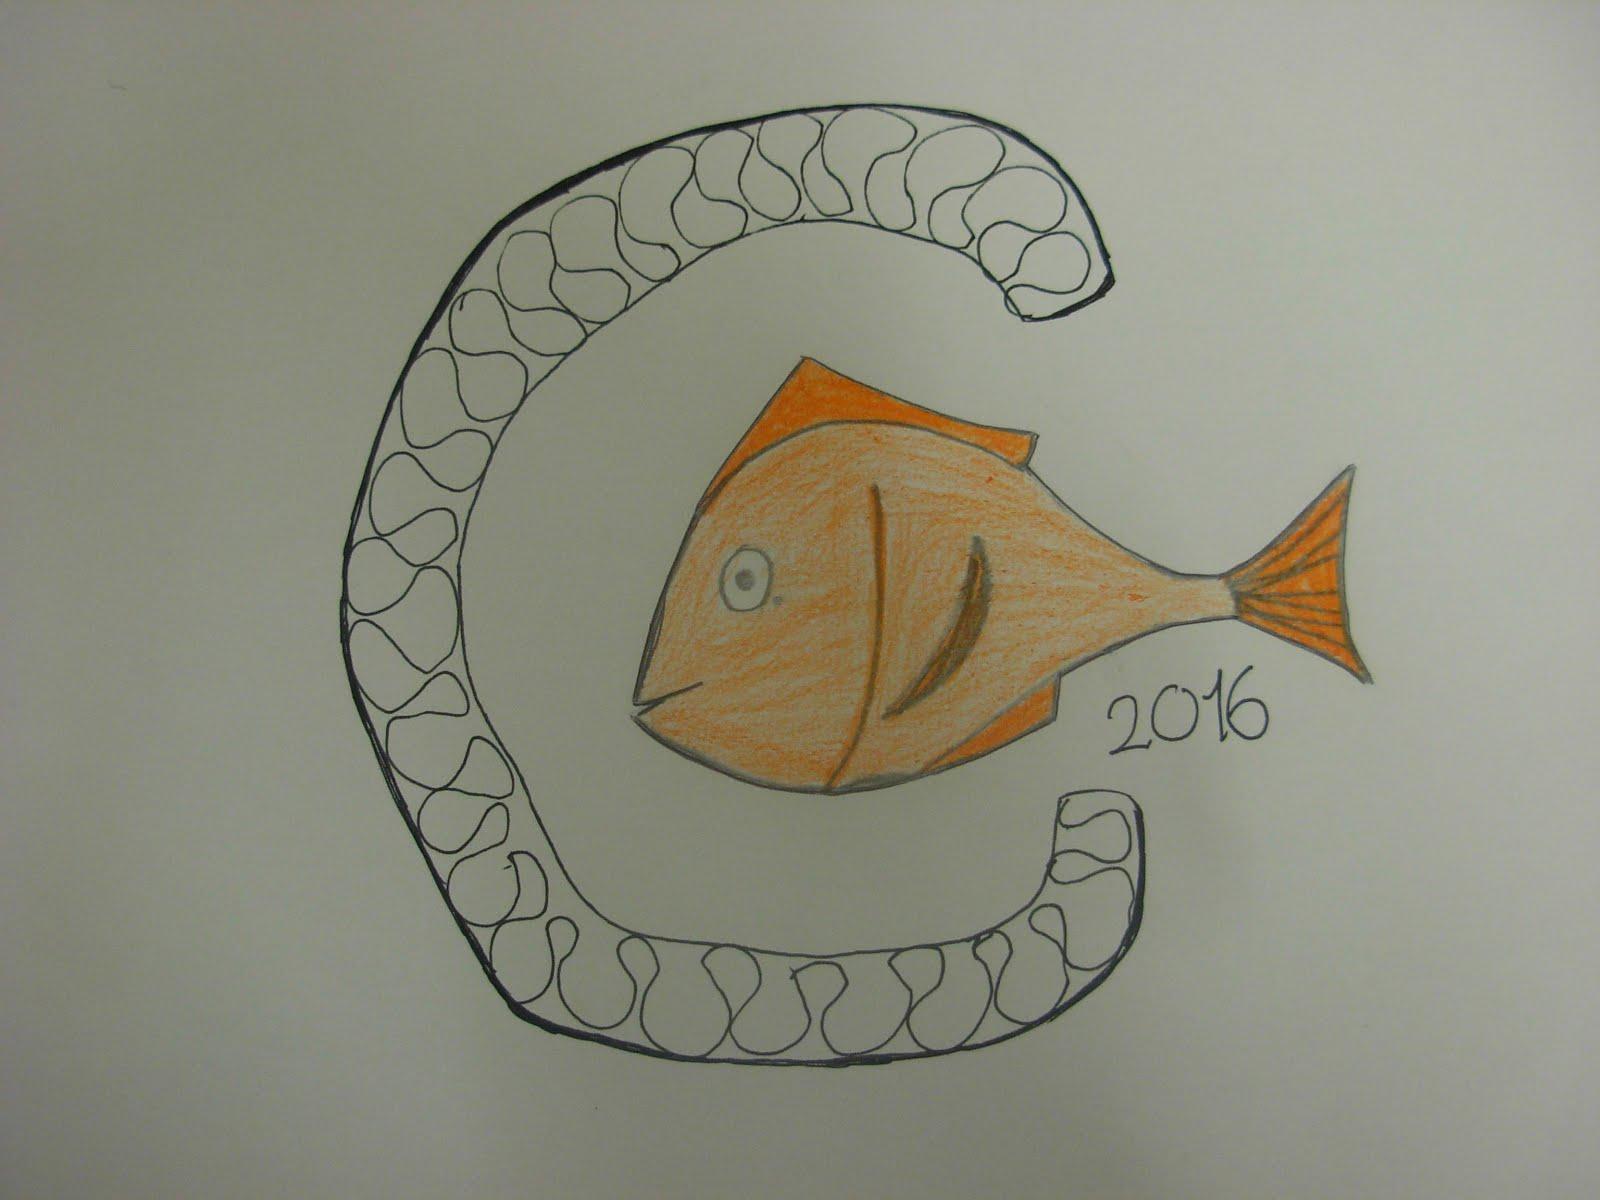 CERVANTES2016